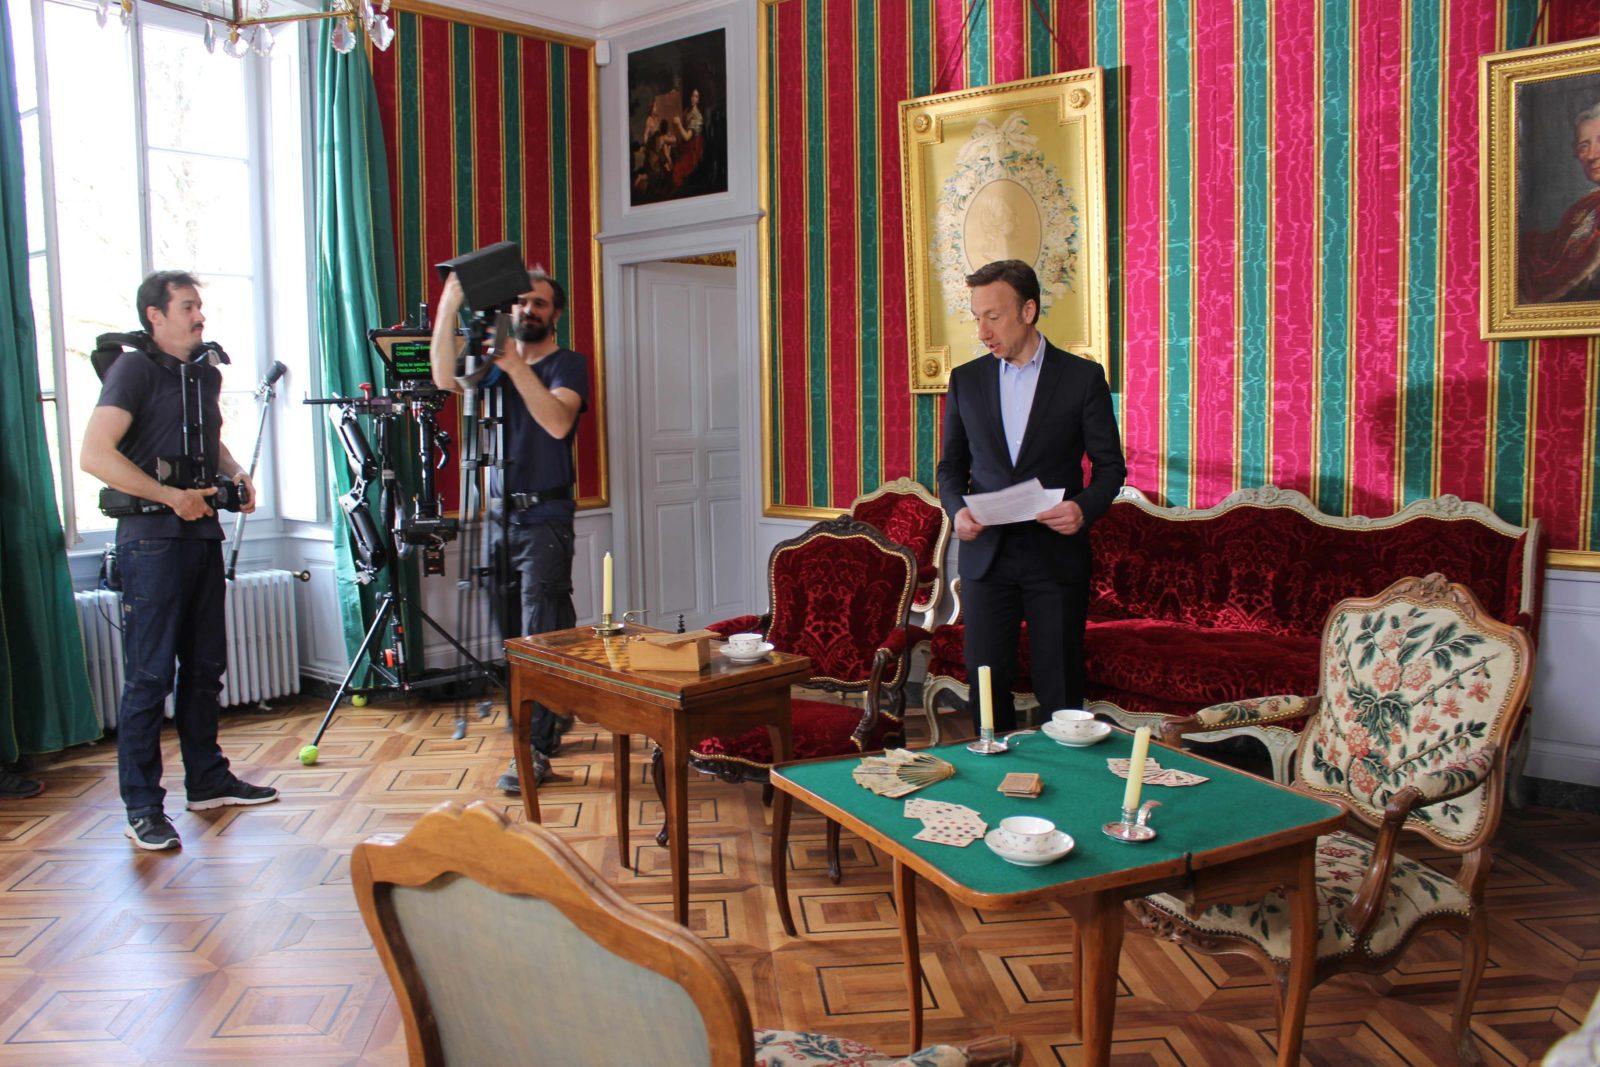 château de Ferney-Voltaire tournage avec Stéphane Bern